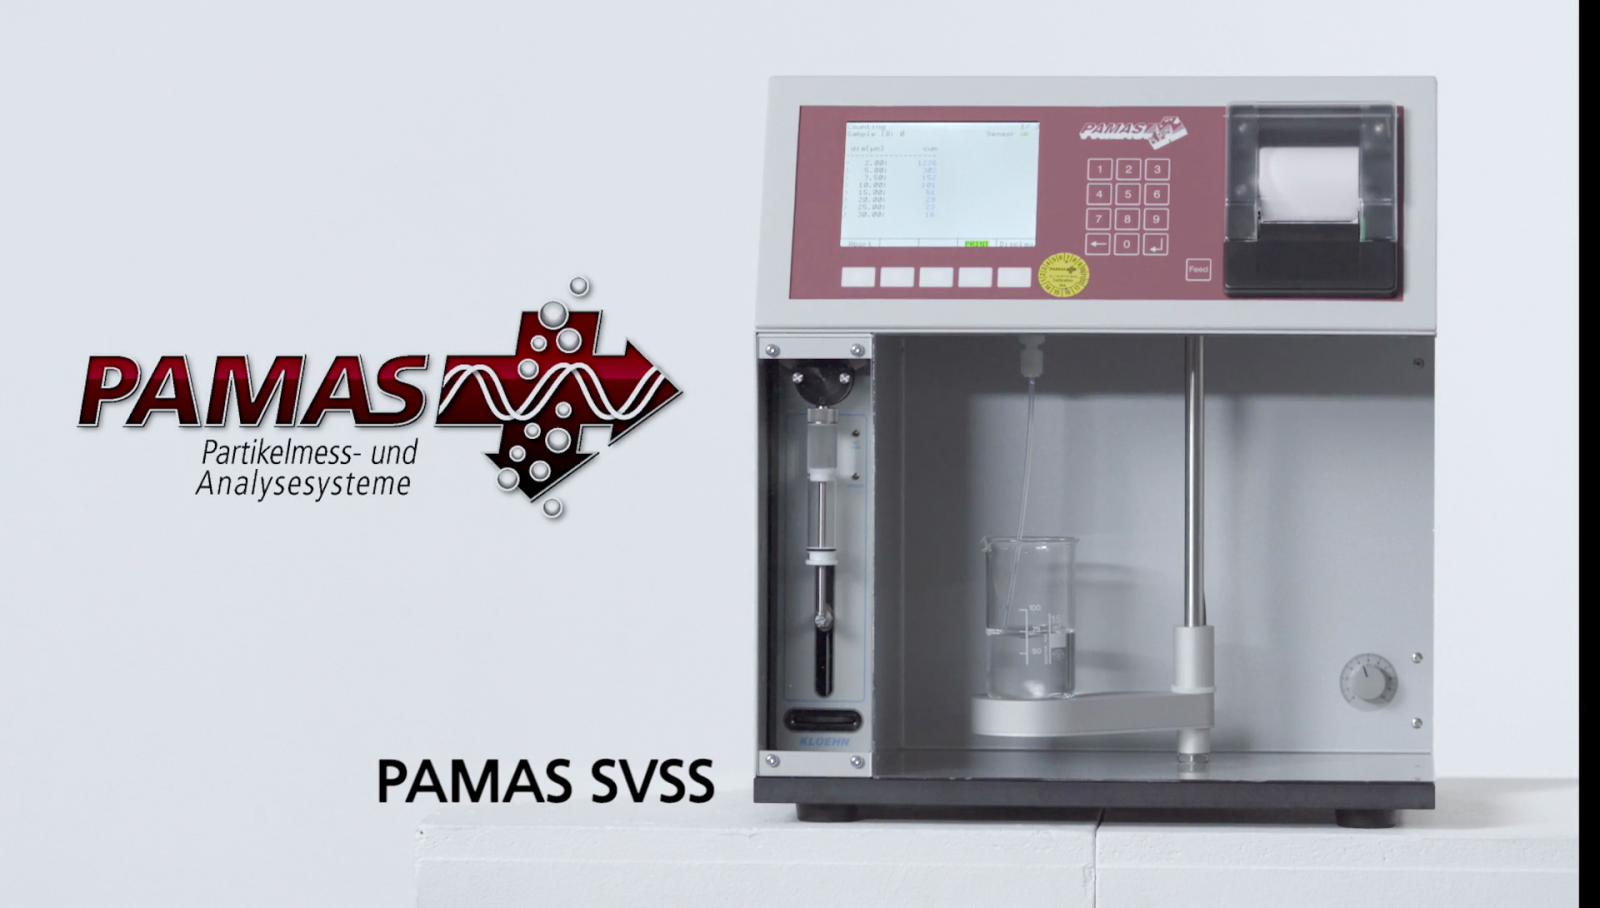 Máy đếm tiểu phân PAMAS SVSS